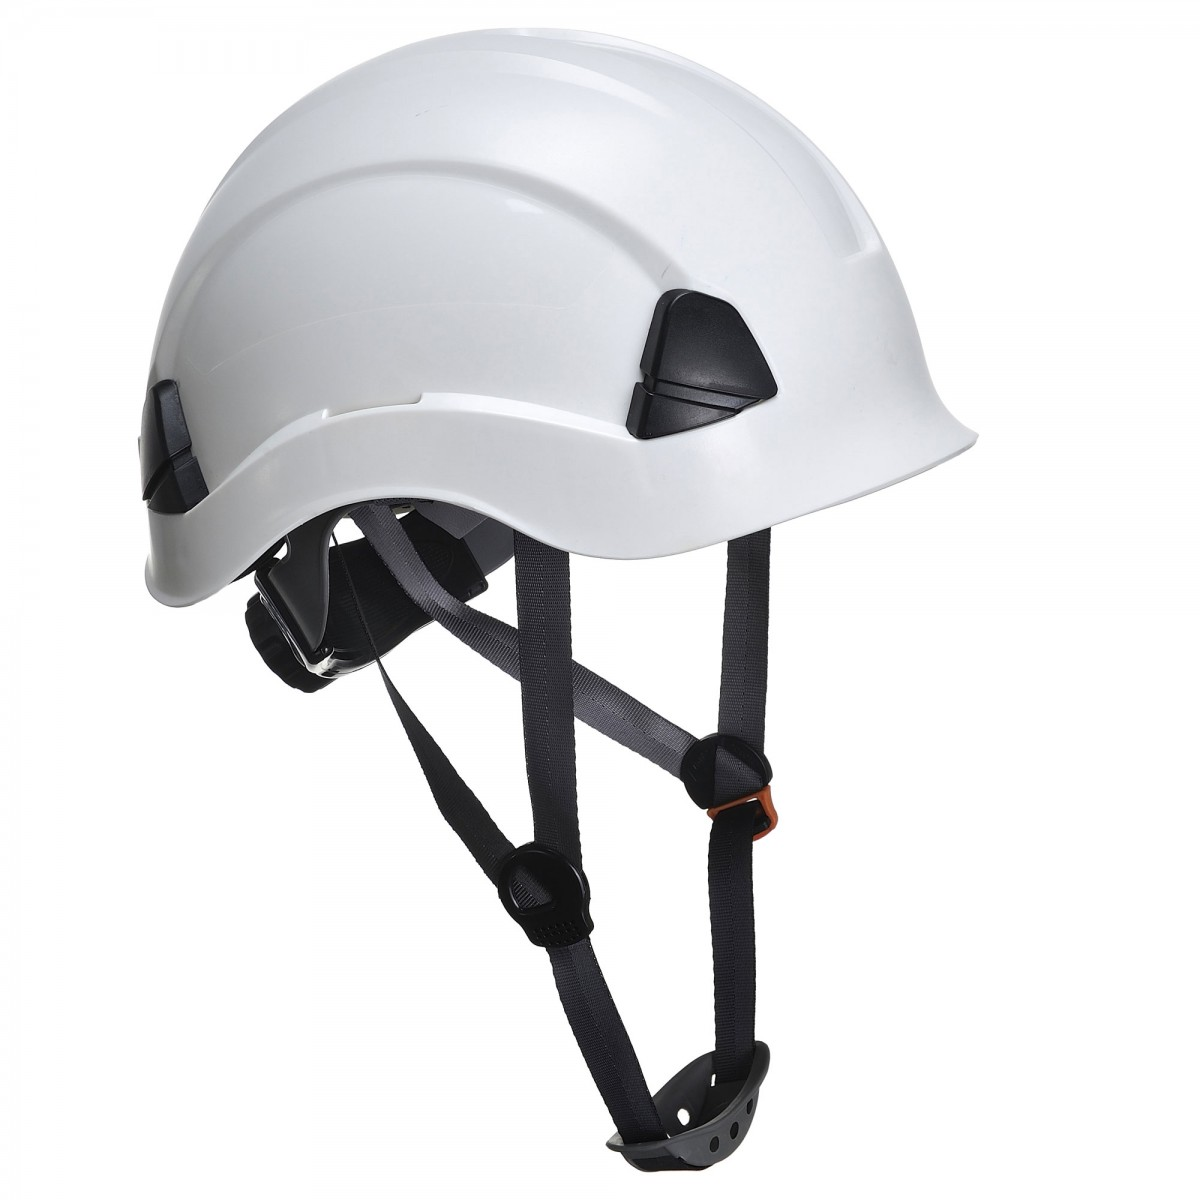 PS53 sikkerheds klatrehjelm-Hvid-32